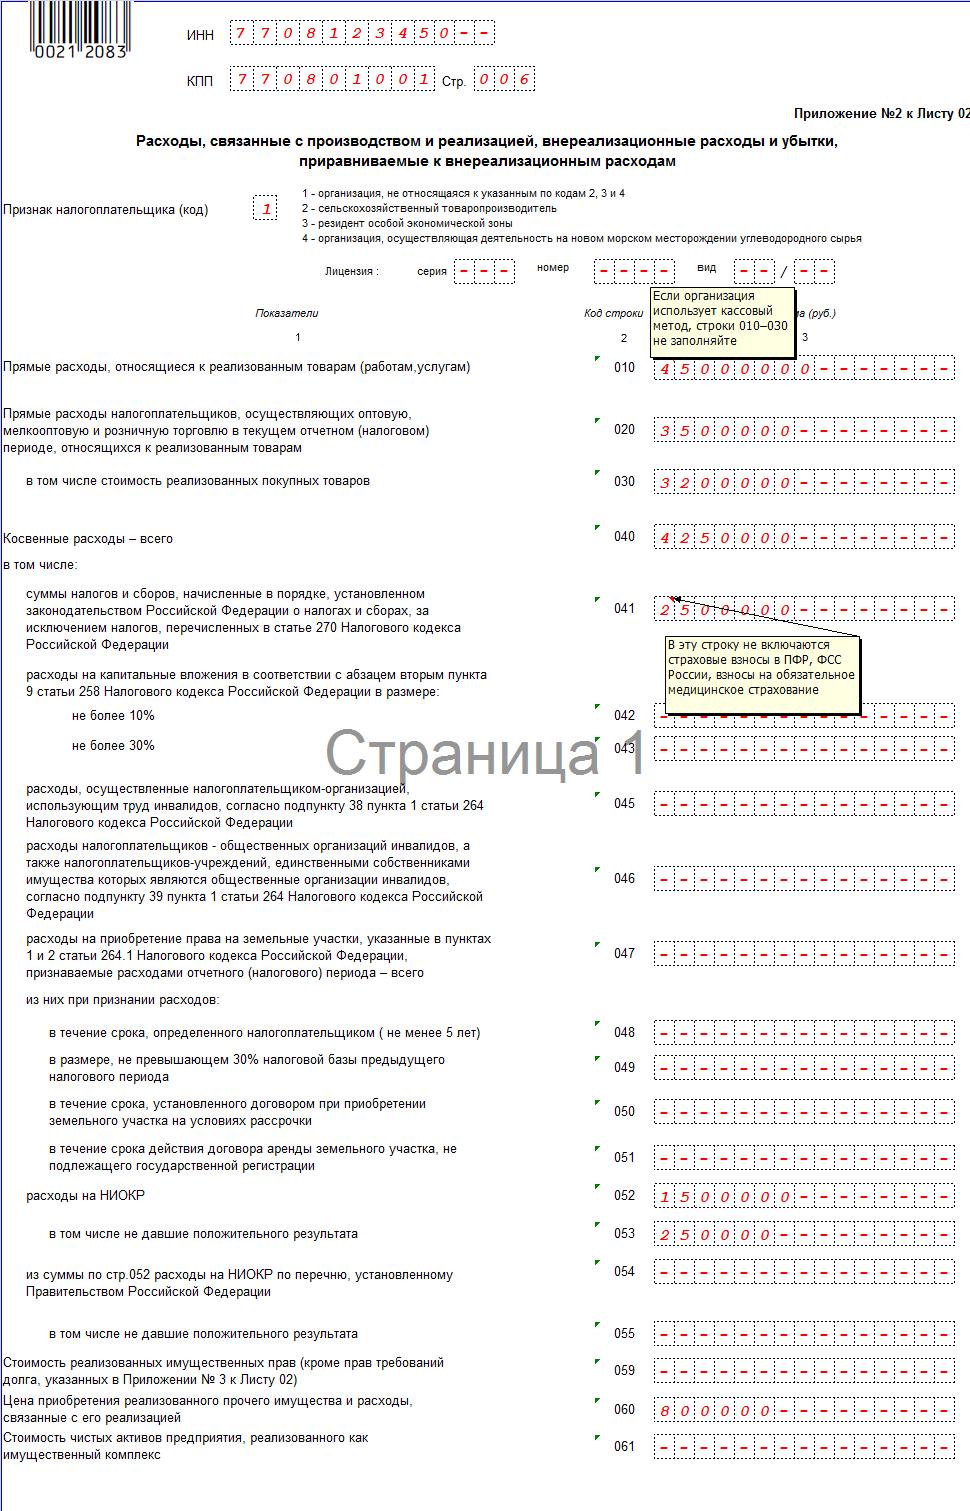 Пример заполнения Декларации на Прибыль